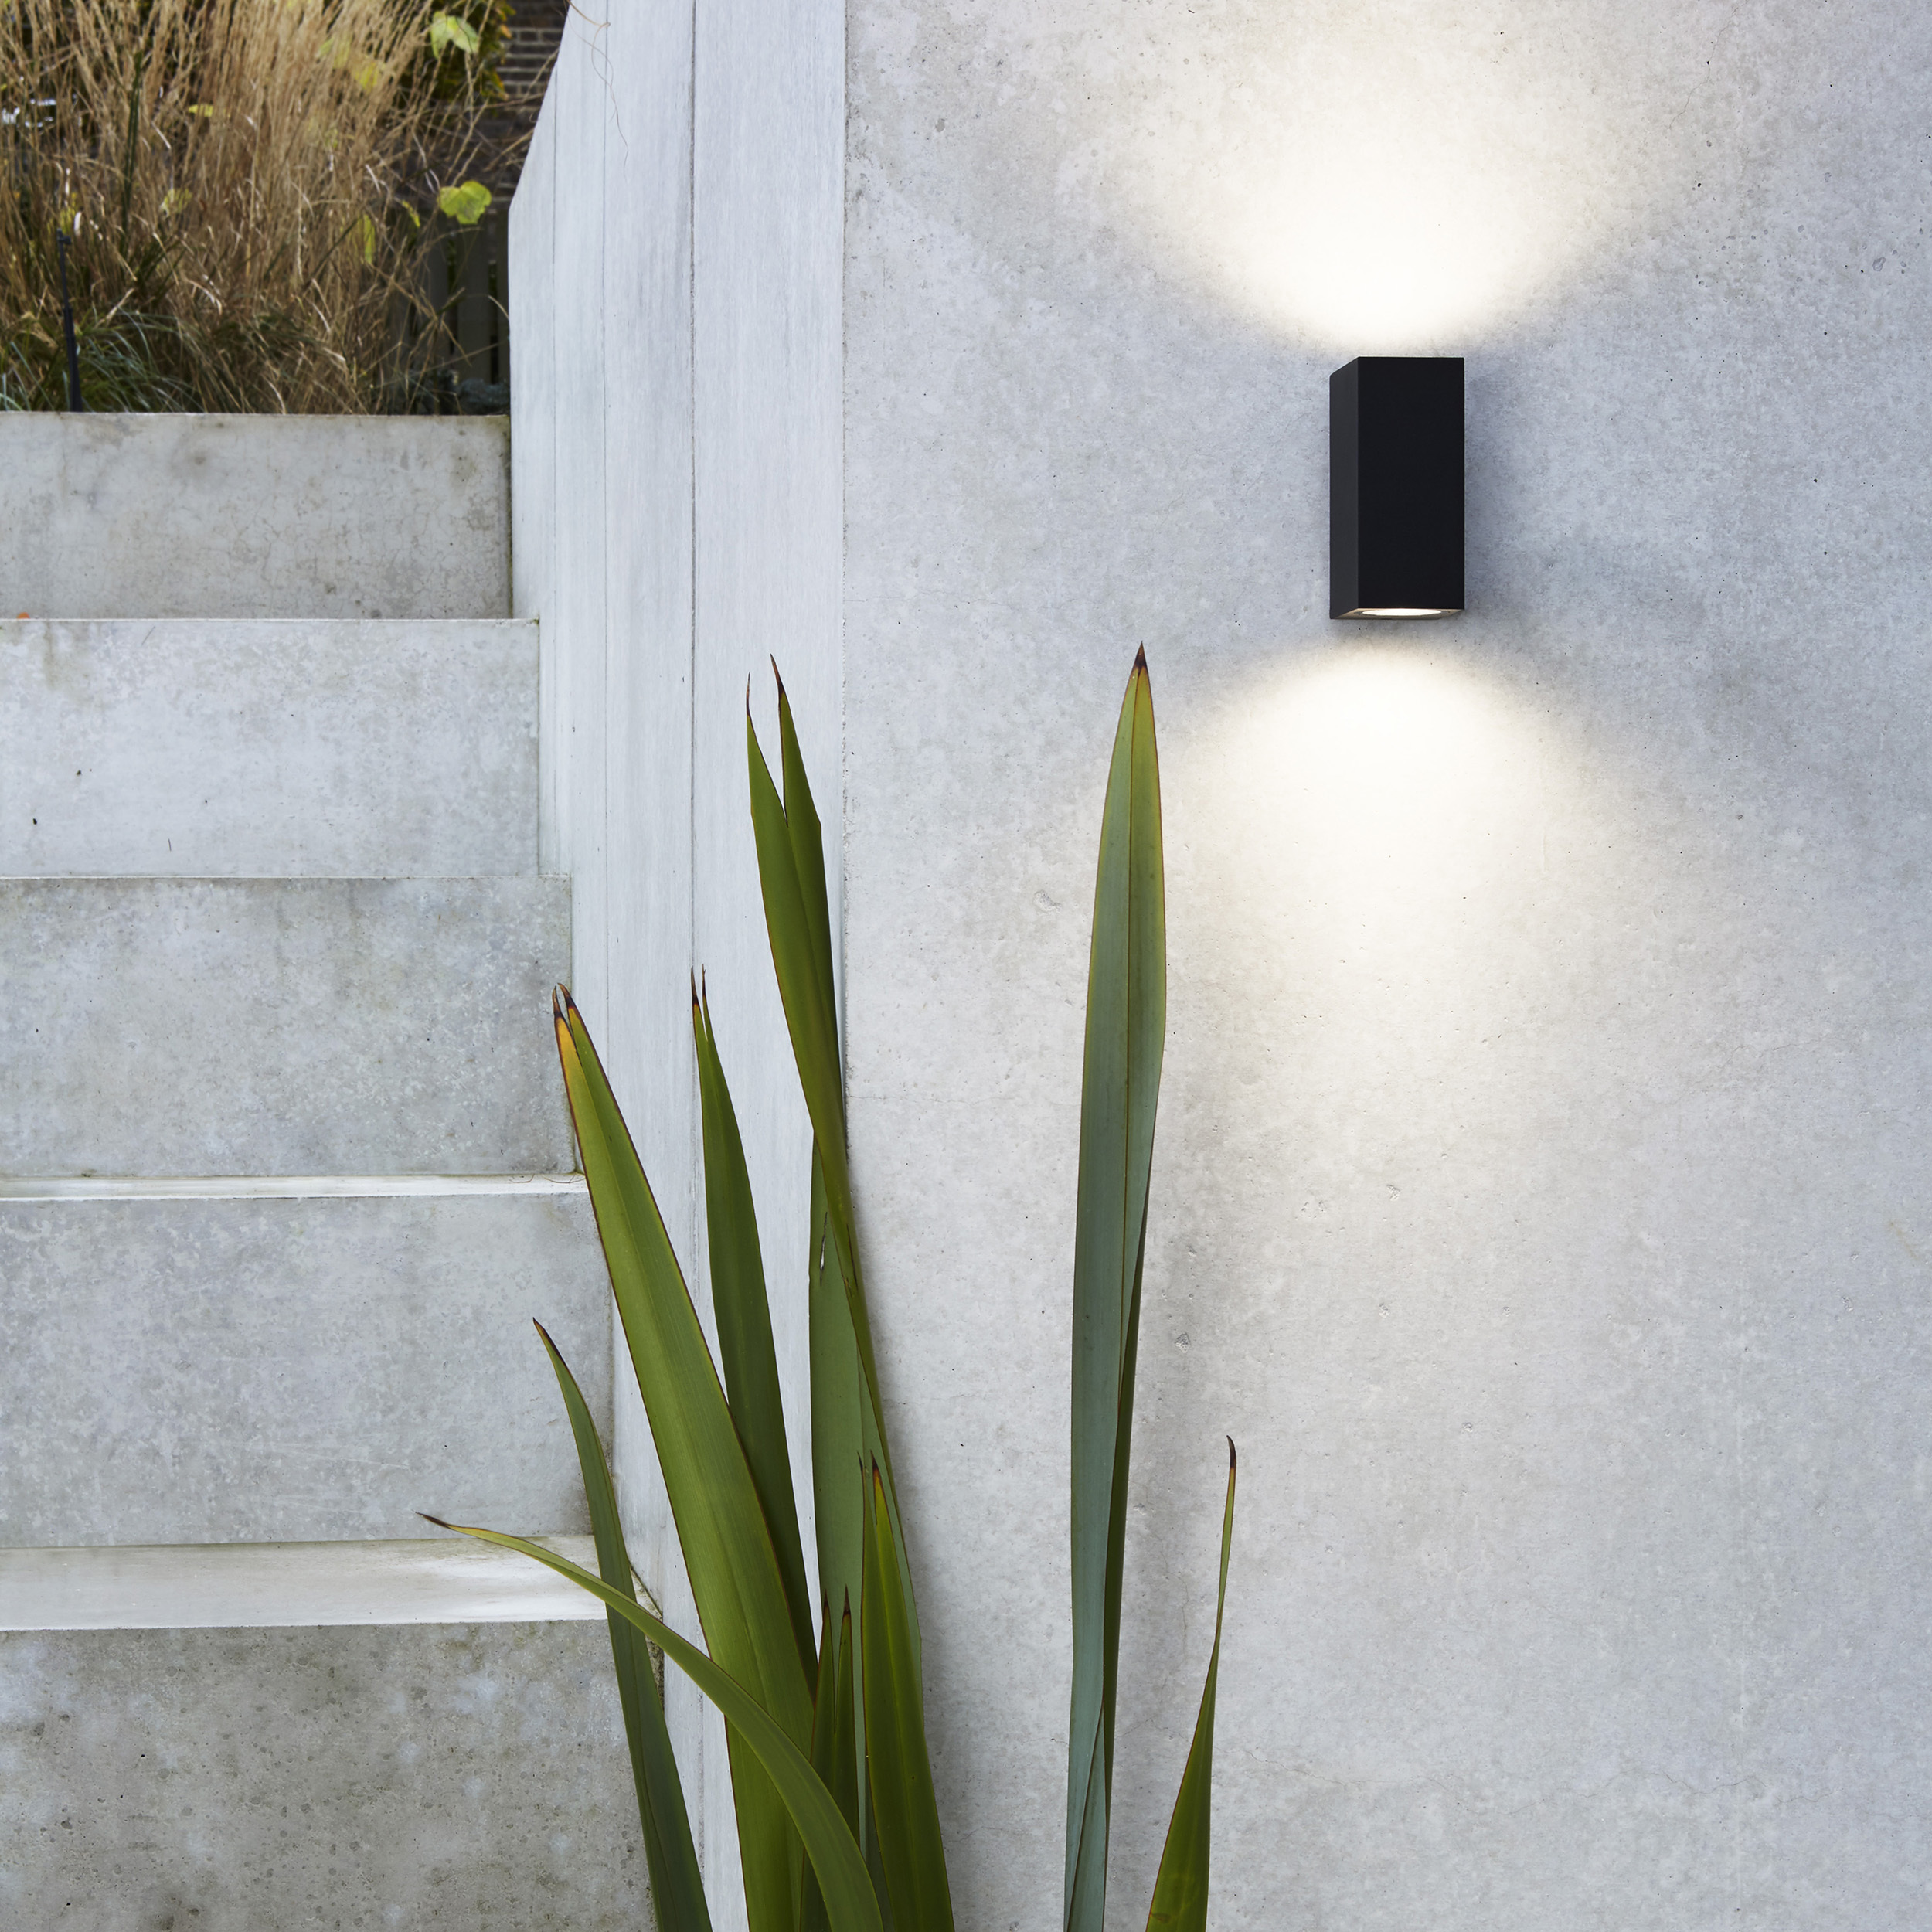 Настенный светильник Astro Chios 1310006 (7565), IP44, 2xGU10x6W, белый, металл, стекло - фото 3